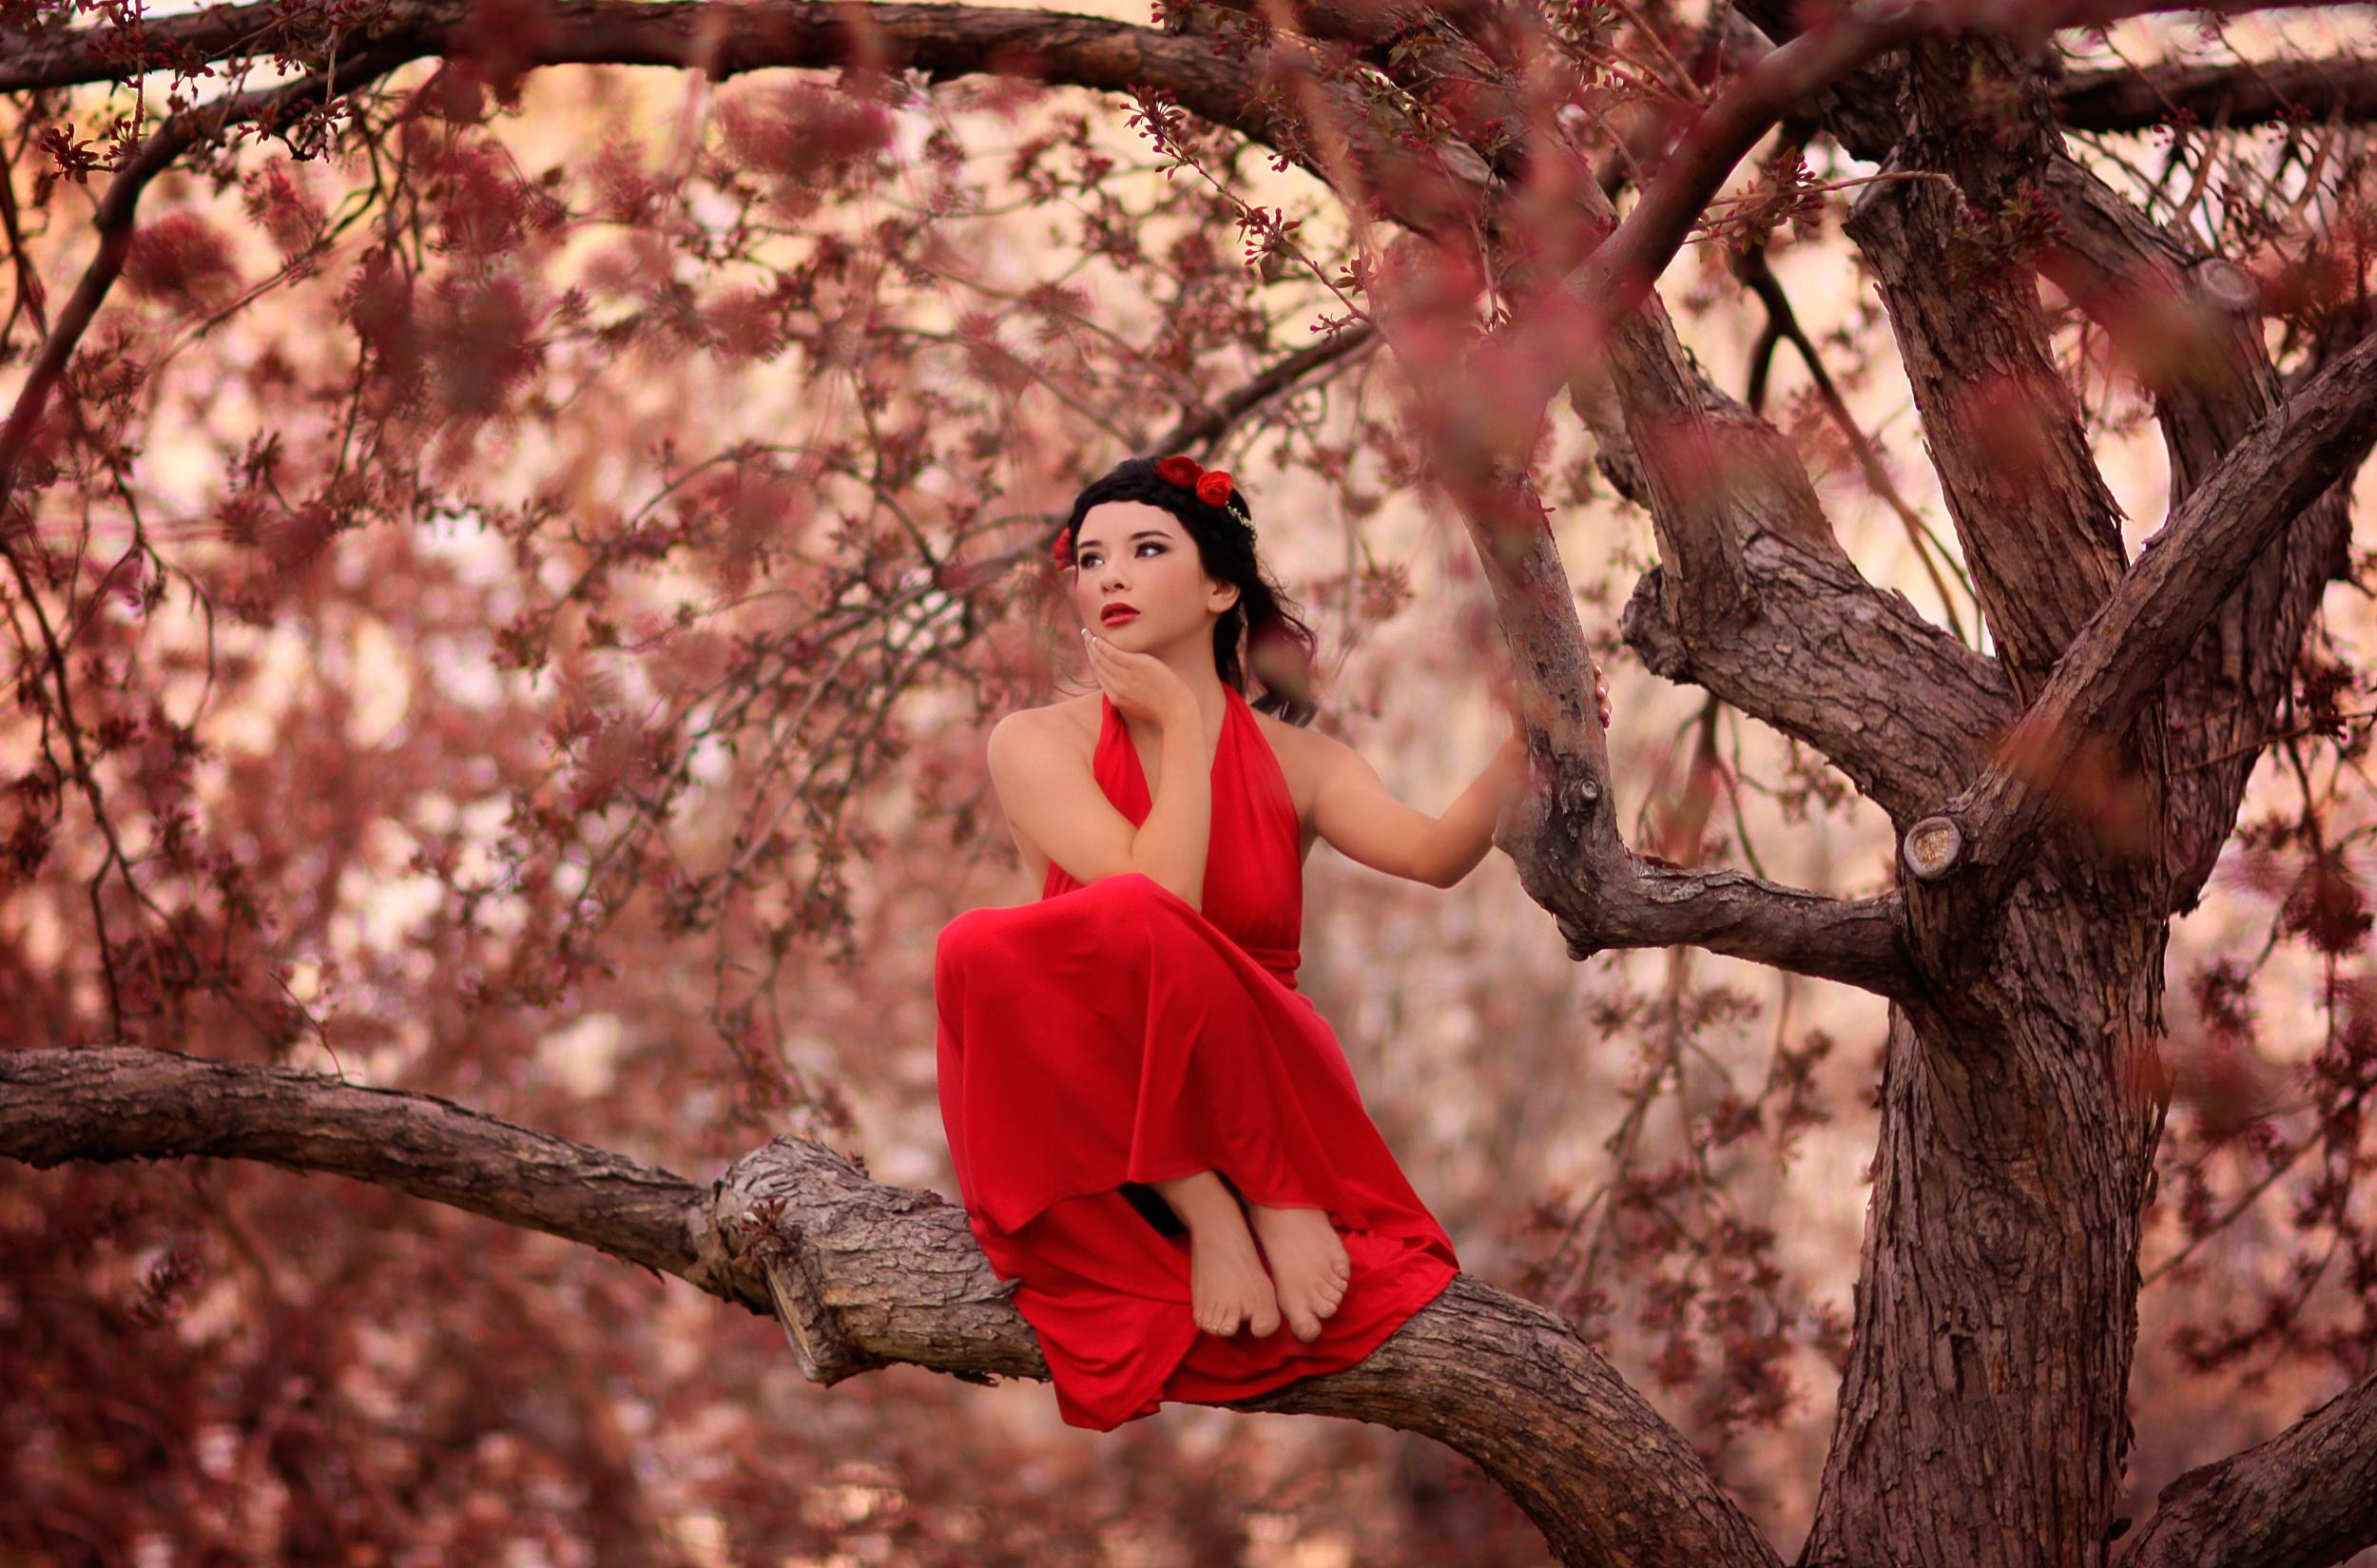 Скачать обои на дереве, девушка, красное платье, раздел ситуации в ...